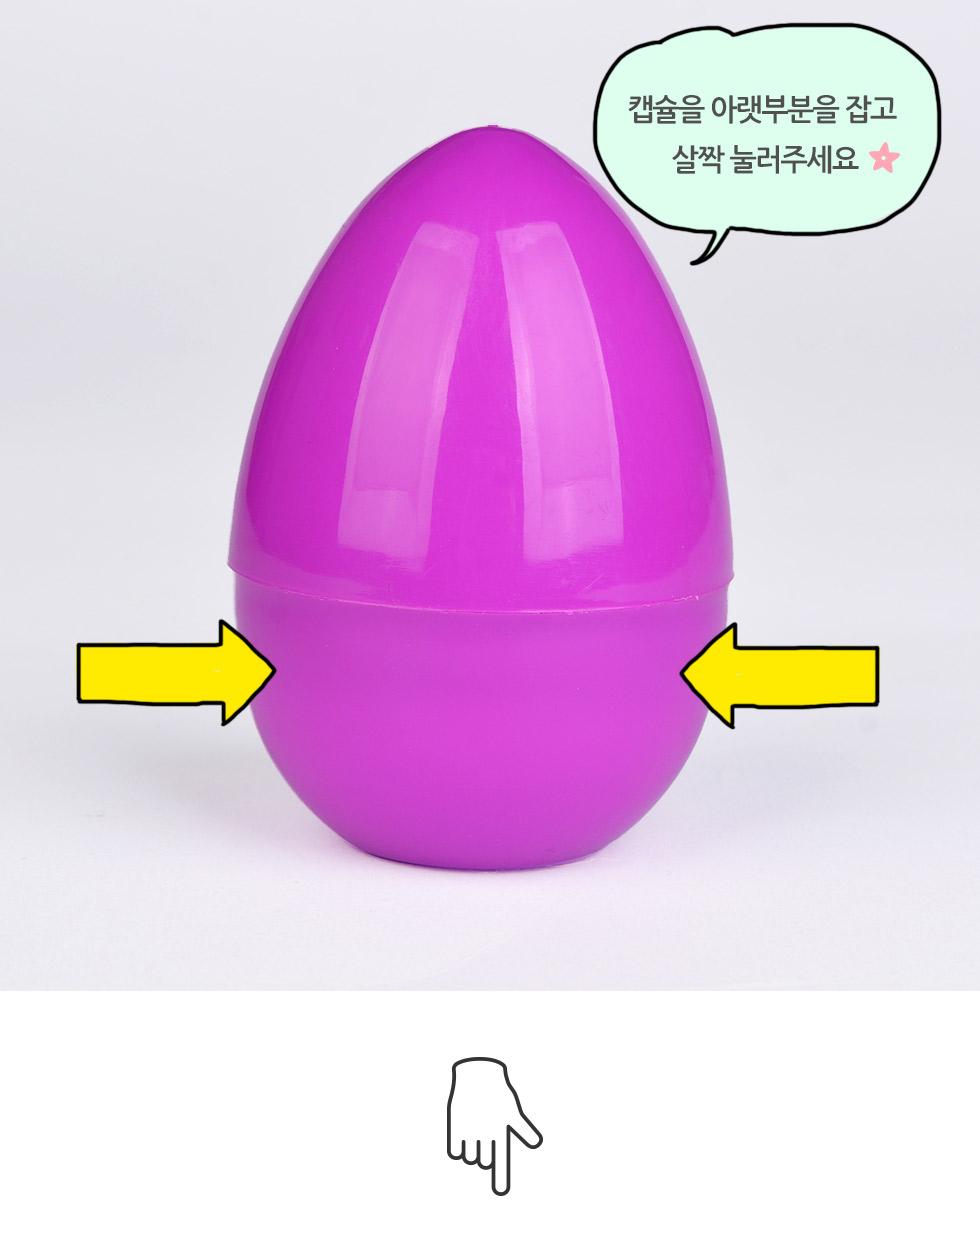 부활절 계란케이스 스탠딩 에그캡슐 (대) 5종 열려면 캡슐 아랫부분을 잡고 살짝 누르고